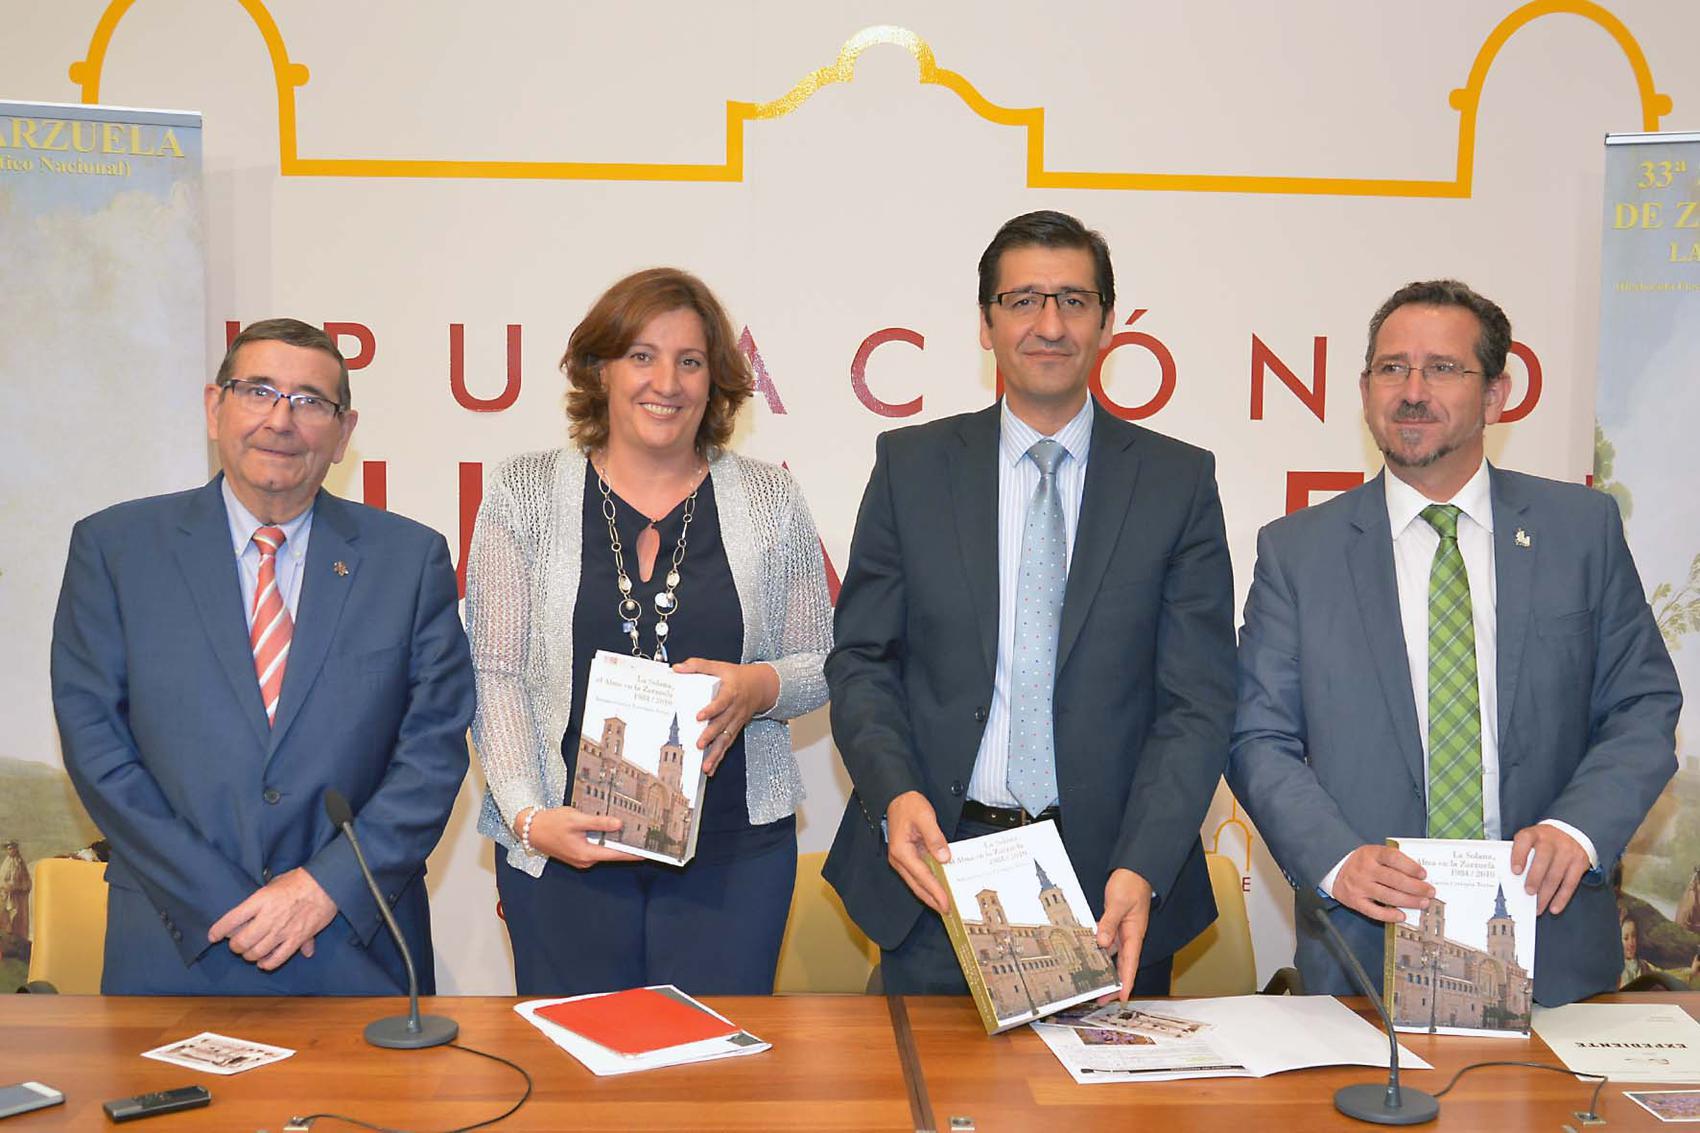 Presentada la trigésimo tercera edición de la Semana de la Zarzuela que tendrá lugar en la Solana del 14 al 23 de octubre